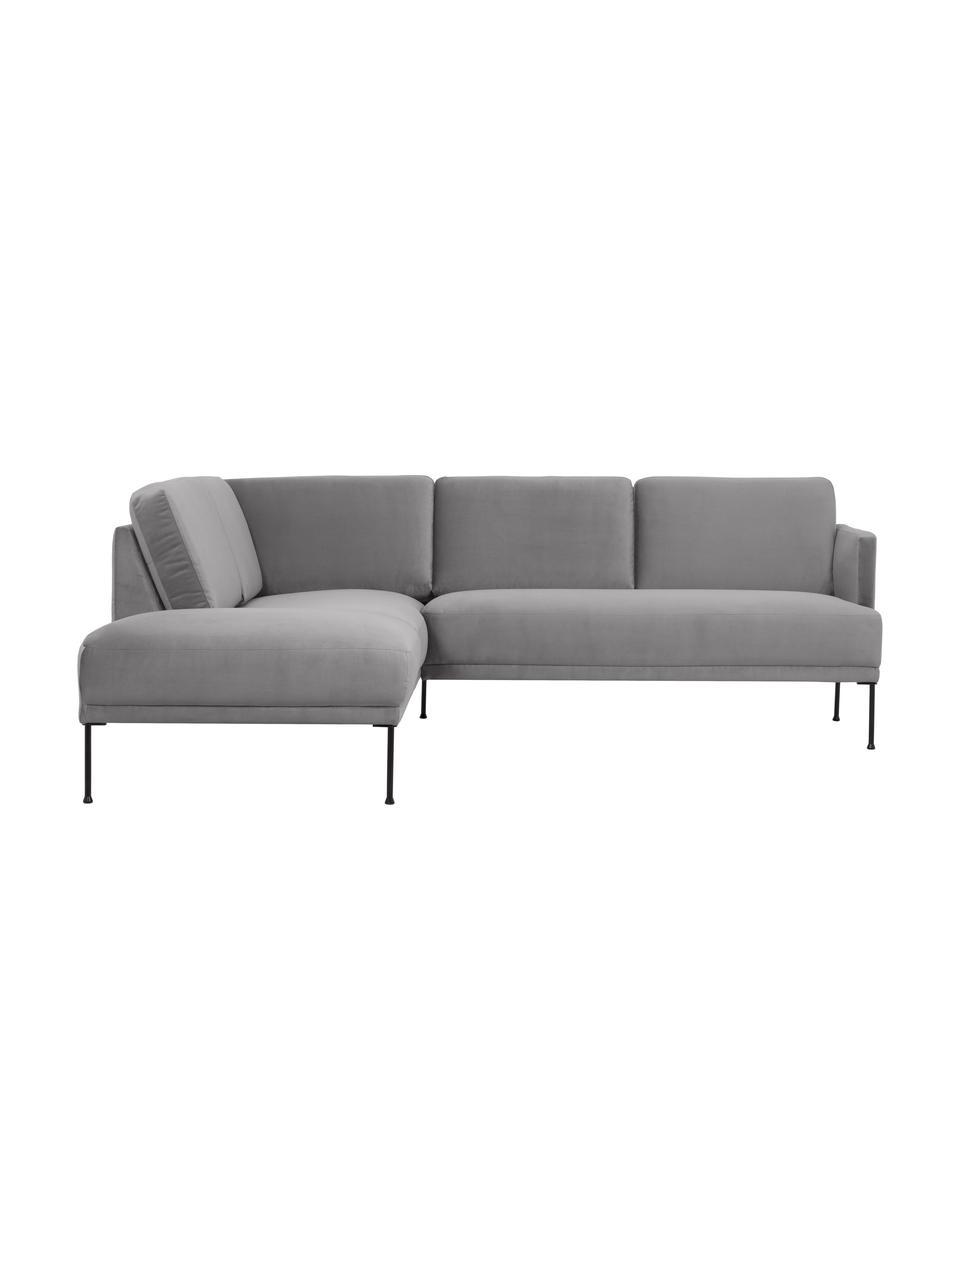 Sofa narożna z aksamitu z metalowymi nogami Fluente, Tapicerka: aksamit (wysokiej jakości, Nogi: metal malowany proszkowo, Aksamitny jasny szary, S 221 x G 200 cm